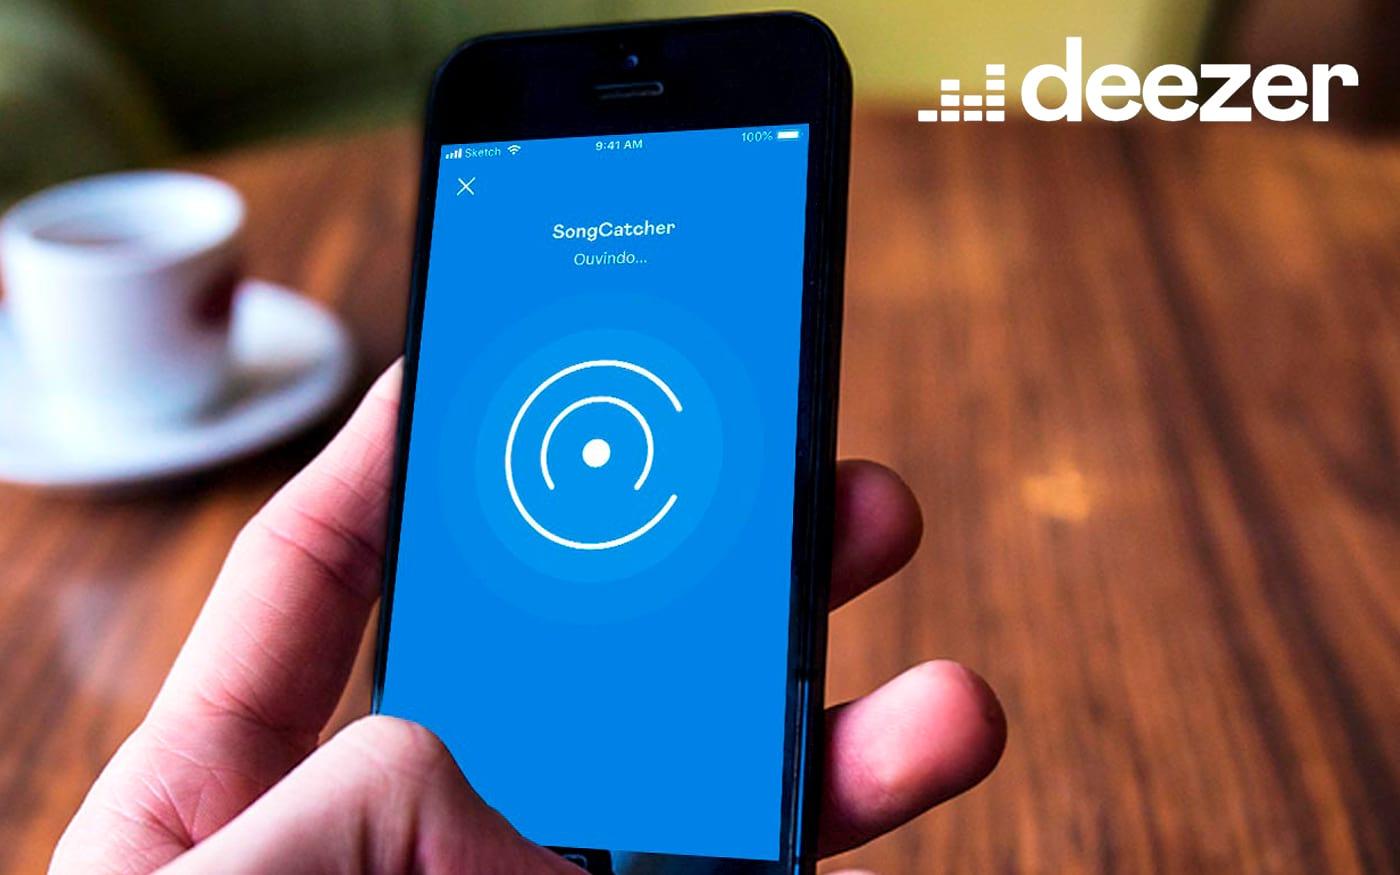 Usuários de iOS agora podem descobrir músicas tocadas em café, no carro, na TV e onde for com o SongCatcher da Deezer